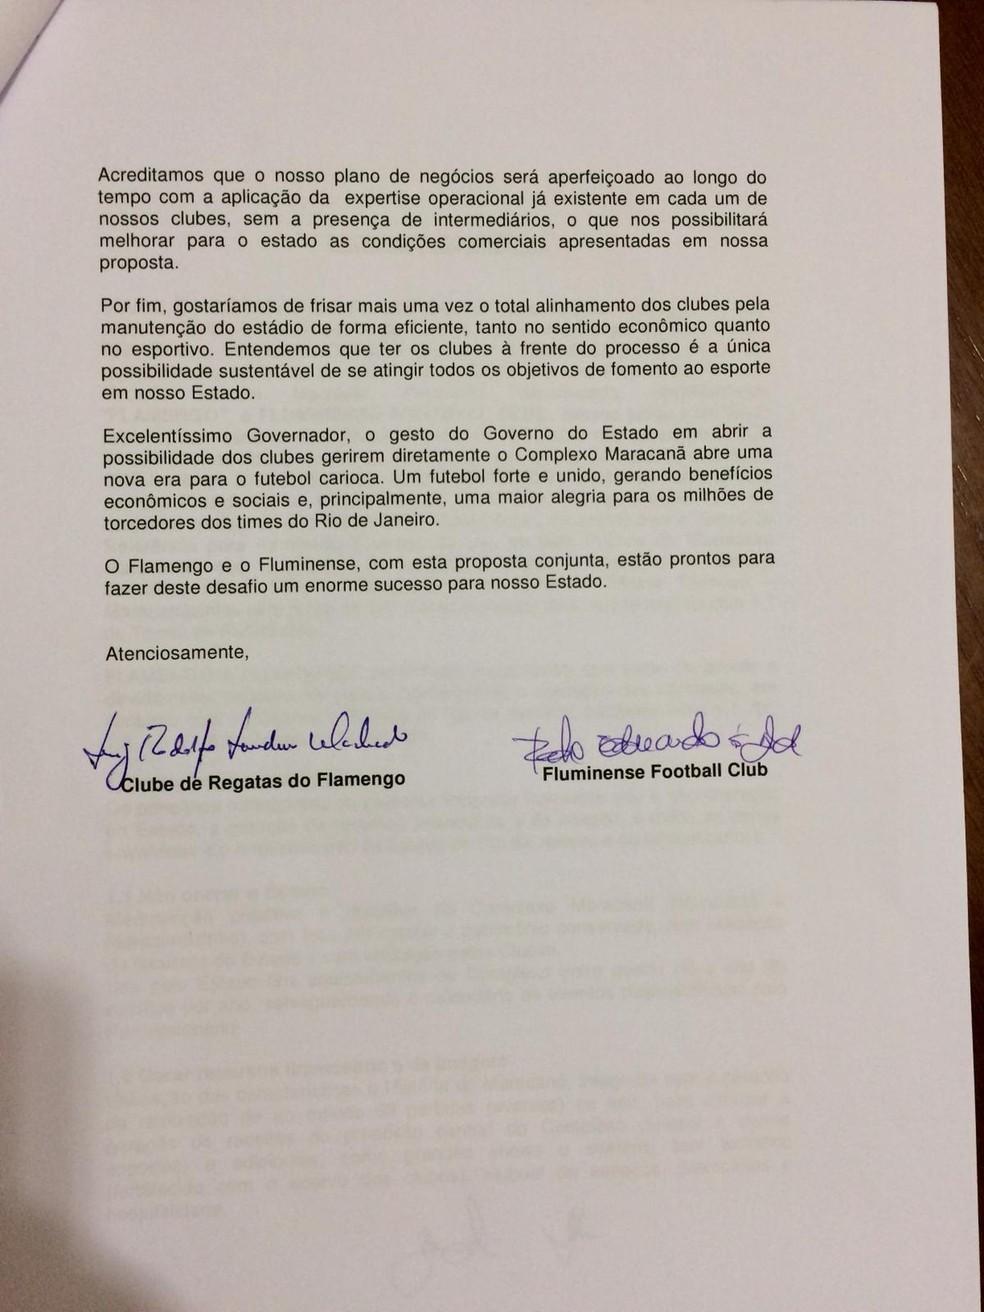 Segunda página da carta que Flamengo e Fluminense apresentaram ao governo — Foto: Reprodução